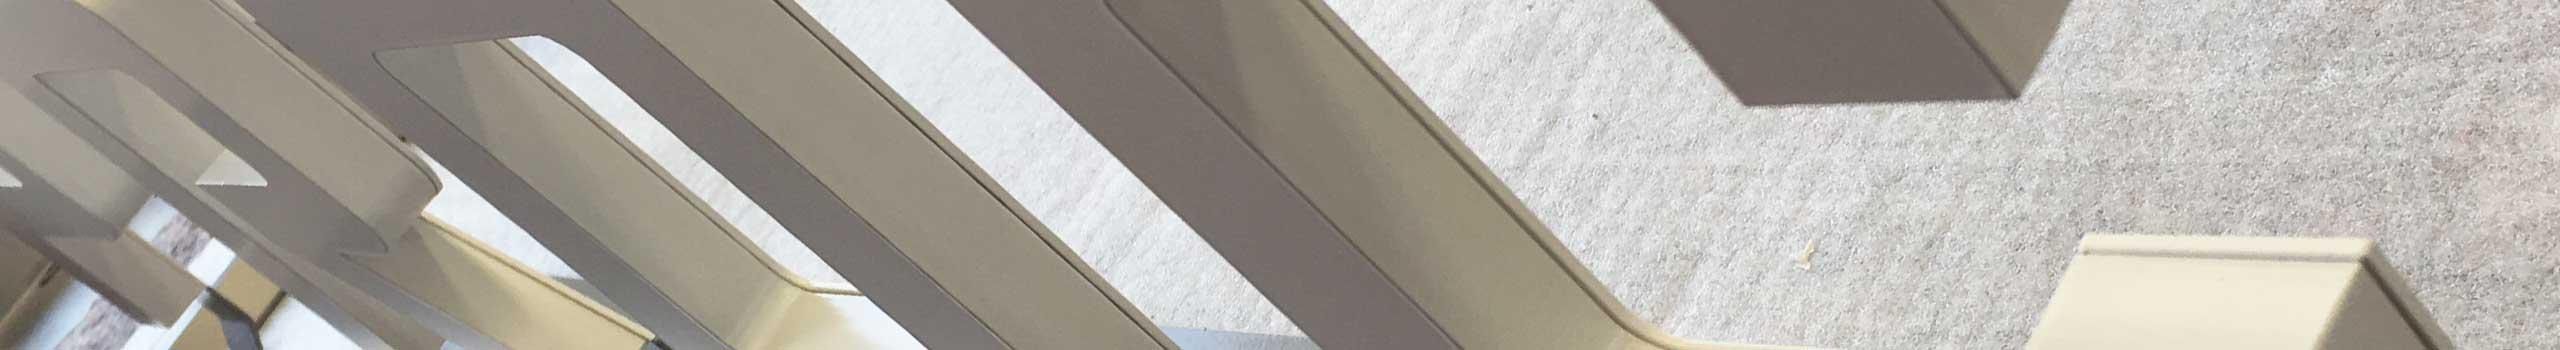 slider-produkte-profilbuchstaben-04